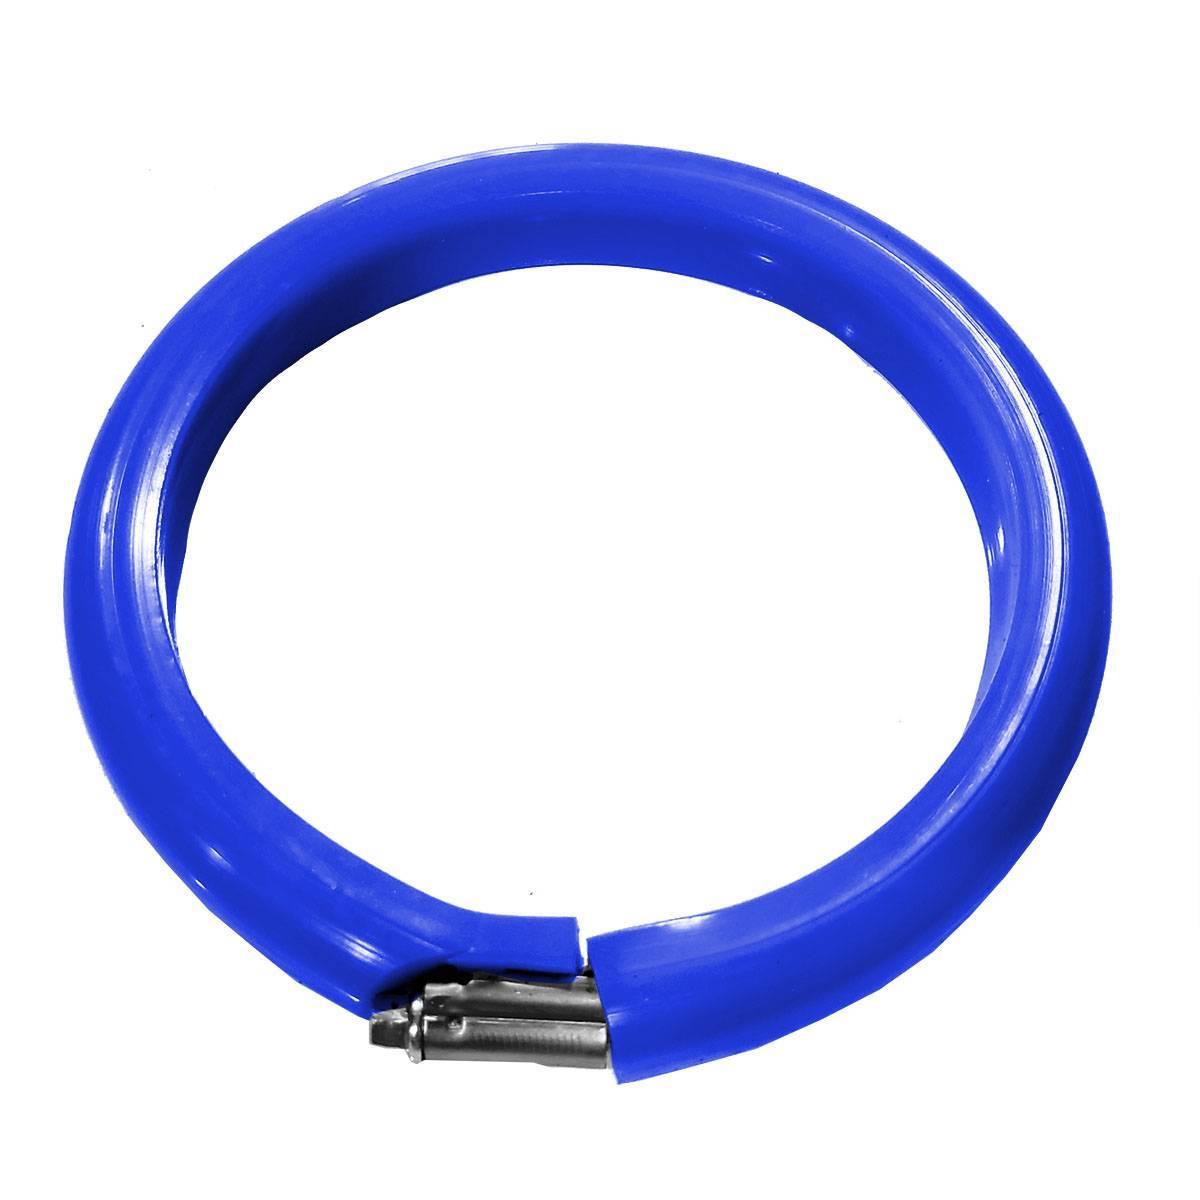 4MXPRTEX2-AZ - Protector Silenciador 2 Tiempos Azul